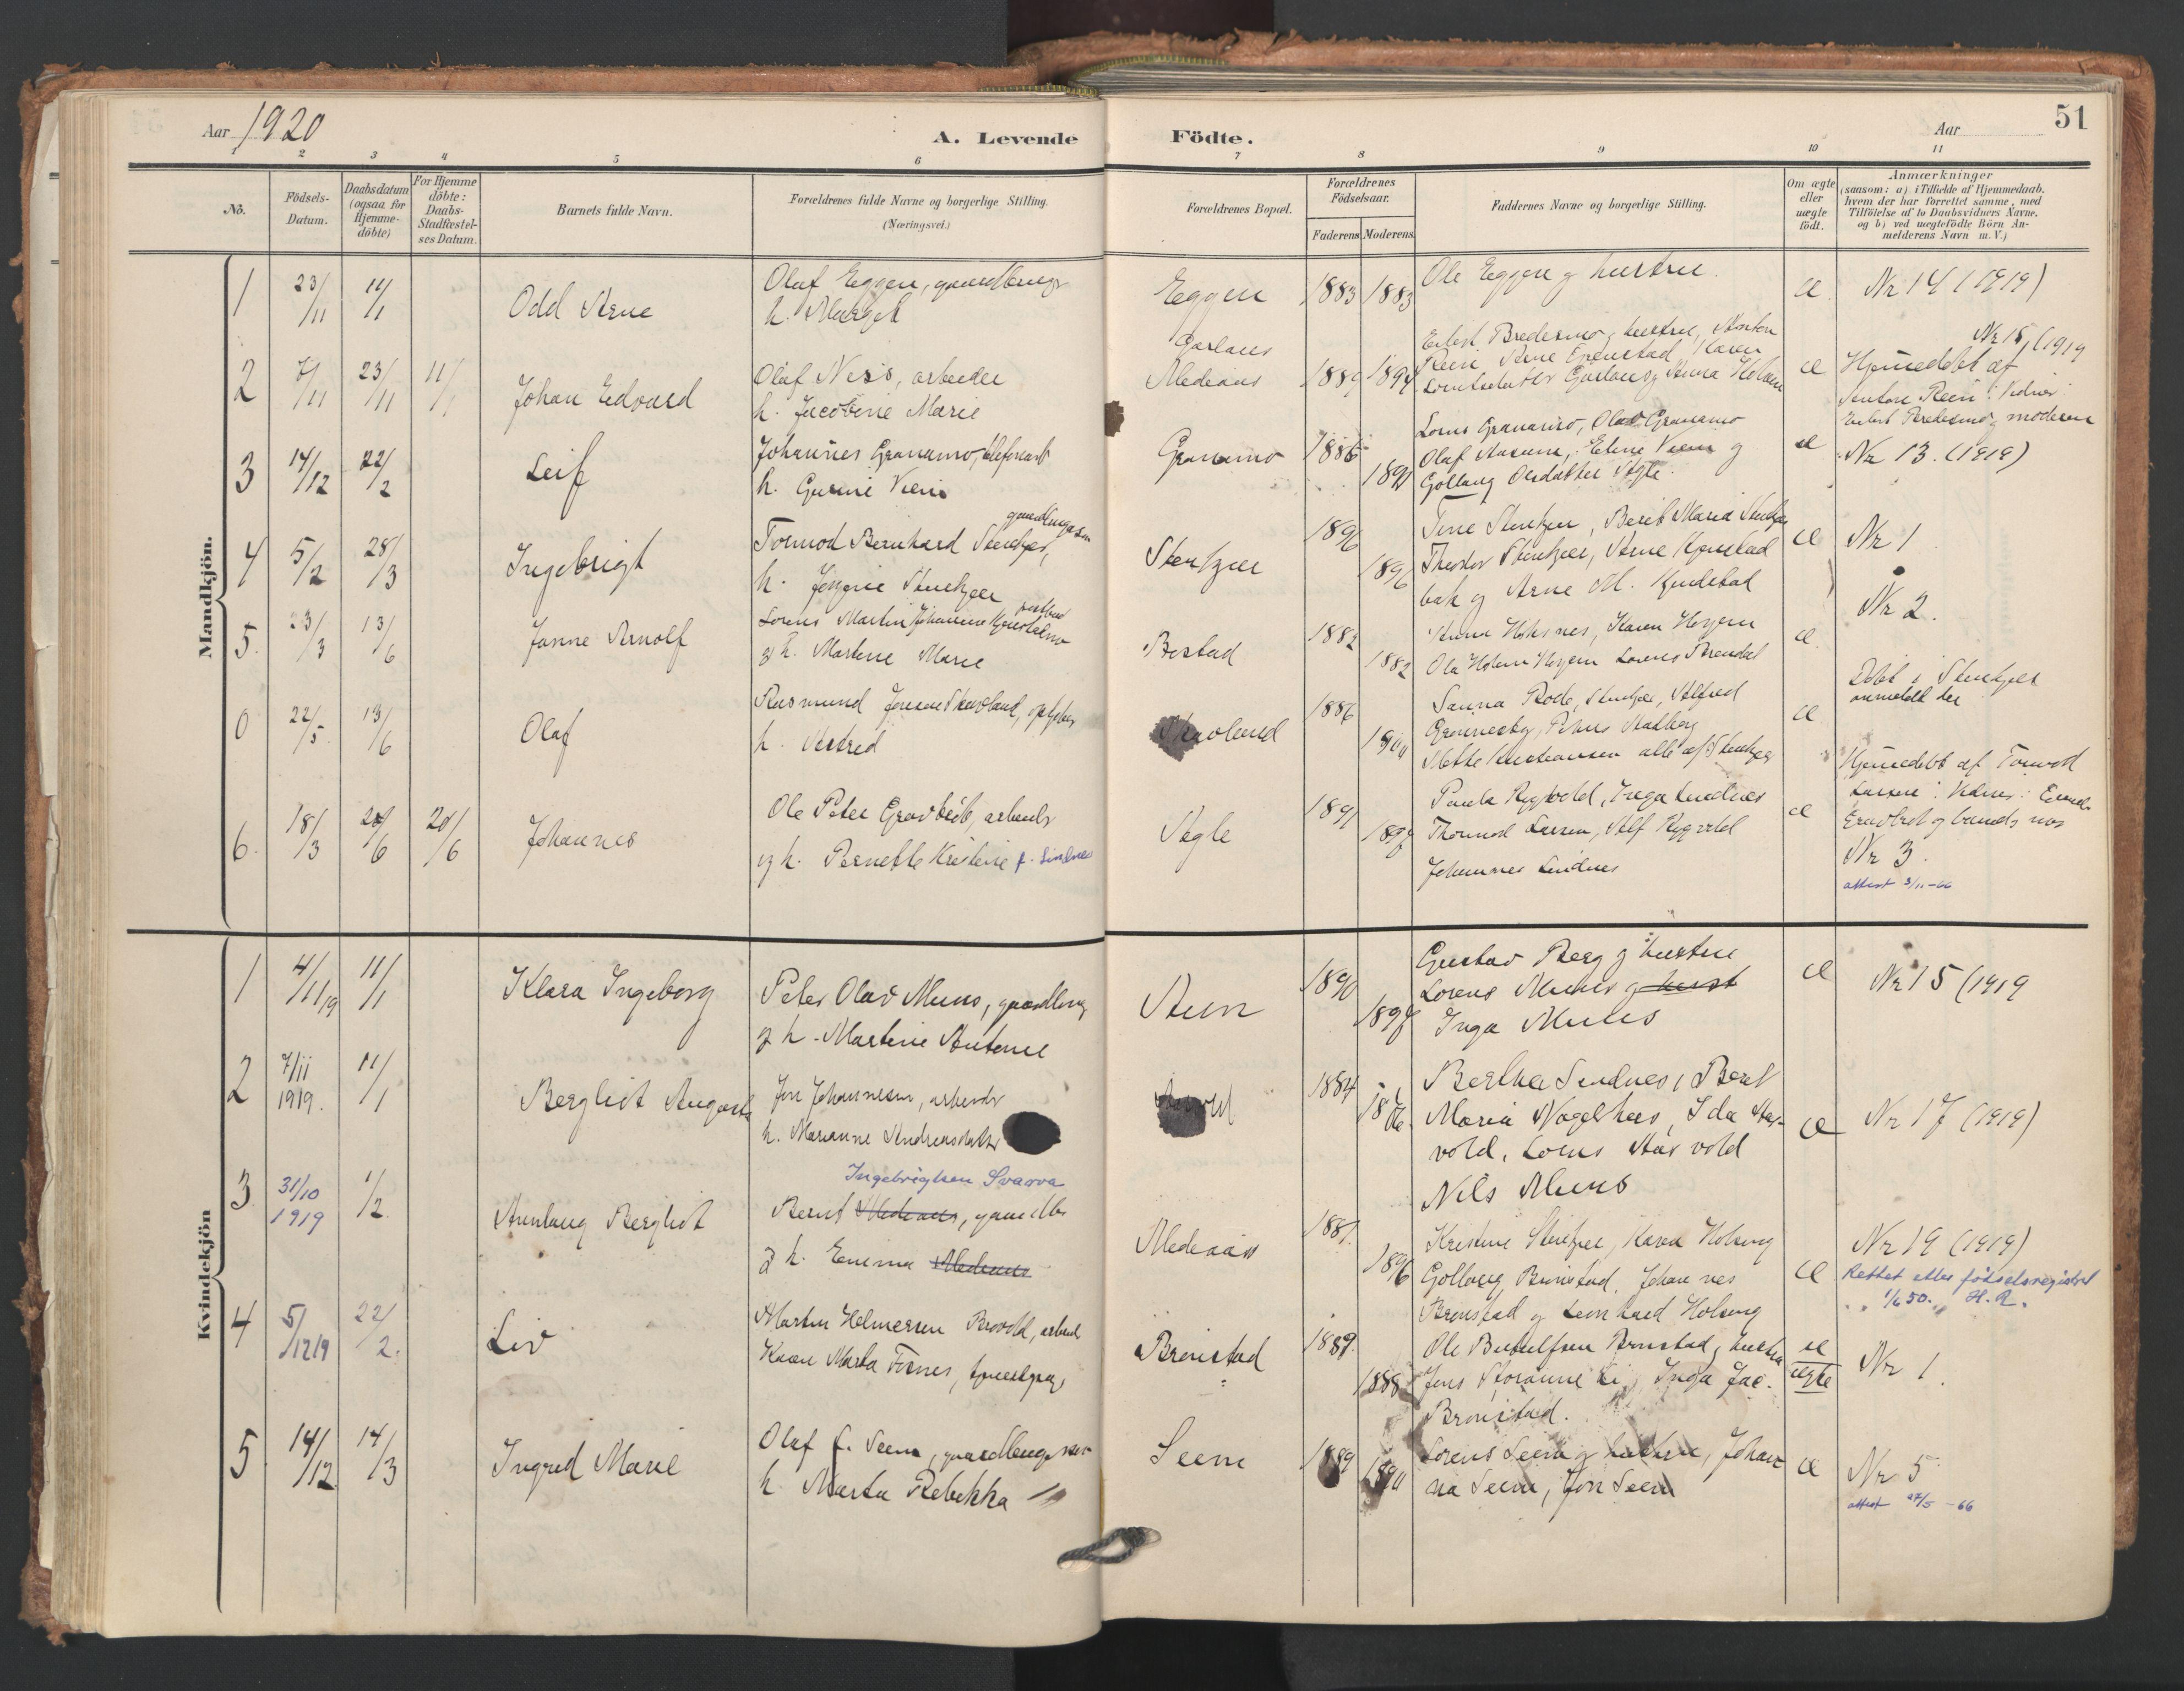 SAT, Ministerialprotokoller, klokkerbøker og fødselsregistre - Nord-Trøndelag, 749/L0477: Ministerialbok nr. 749A11, 1902-1927, s. 51